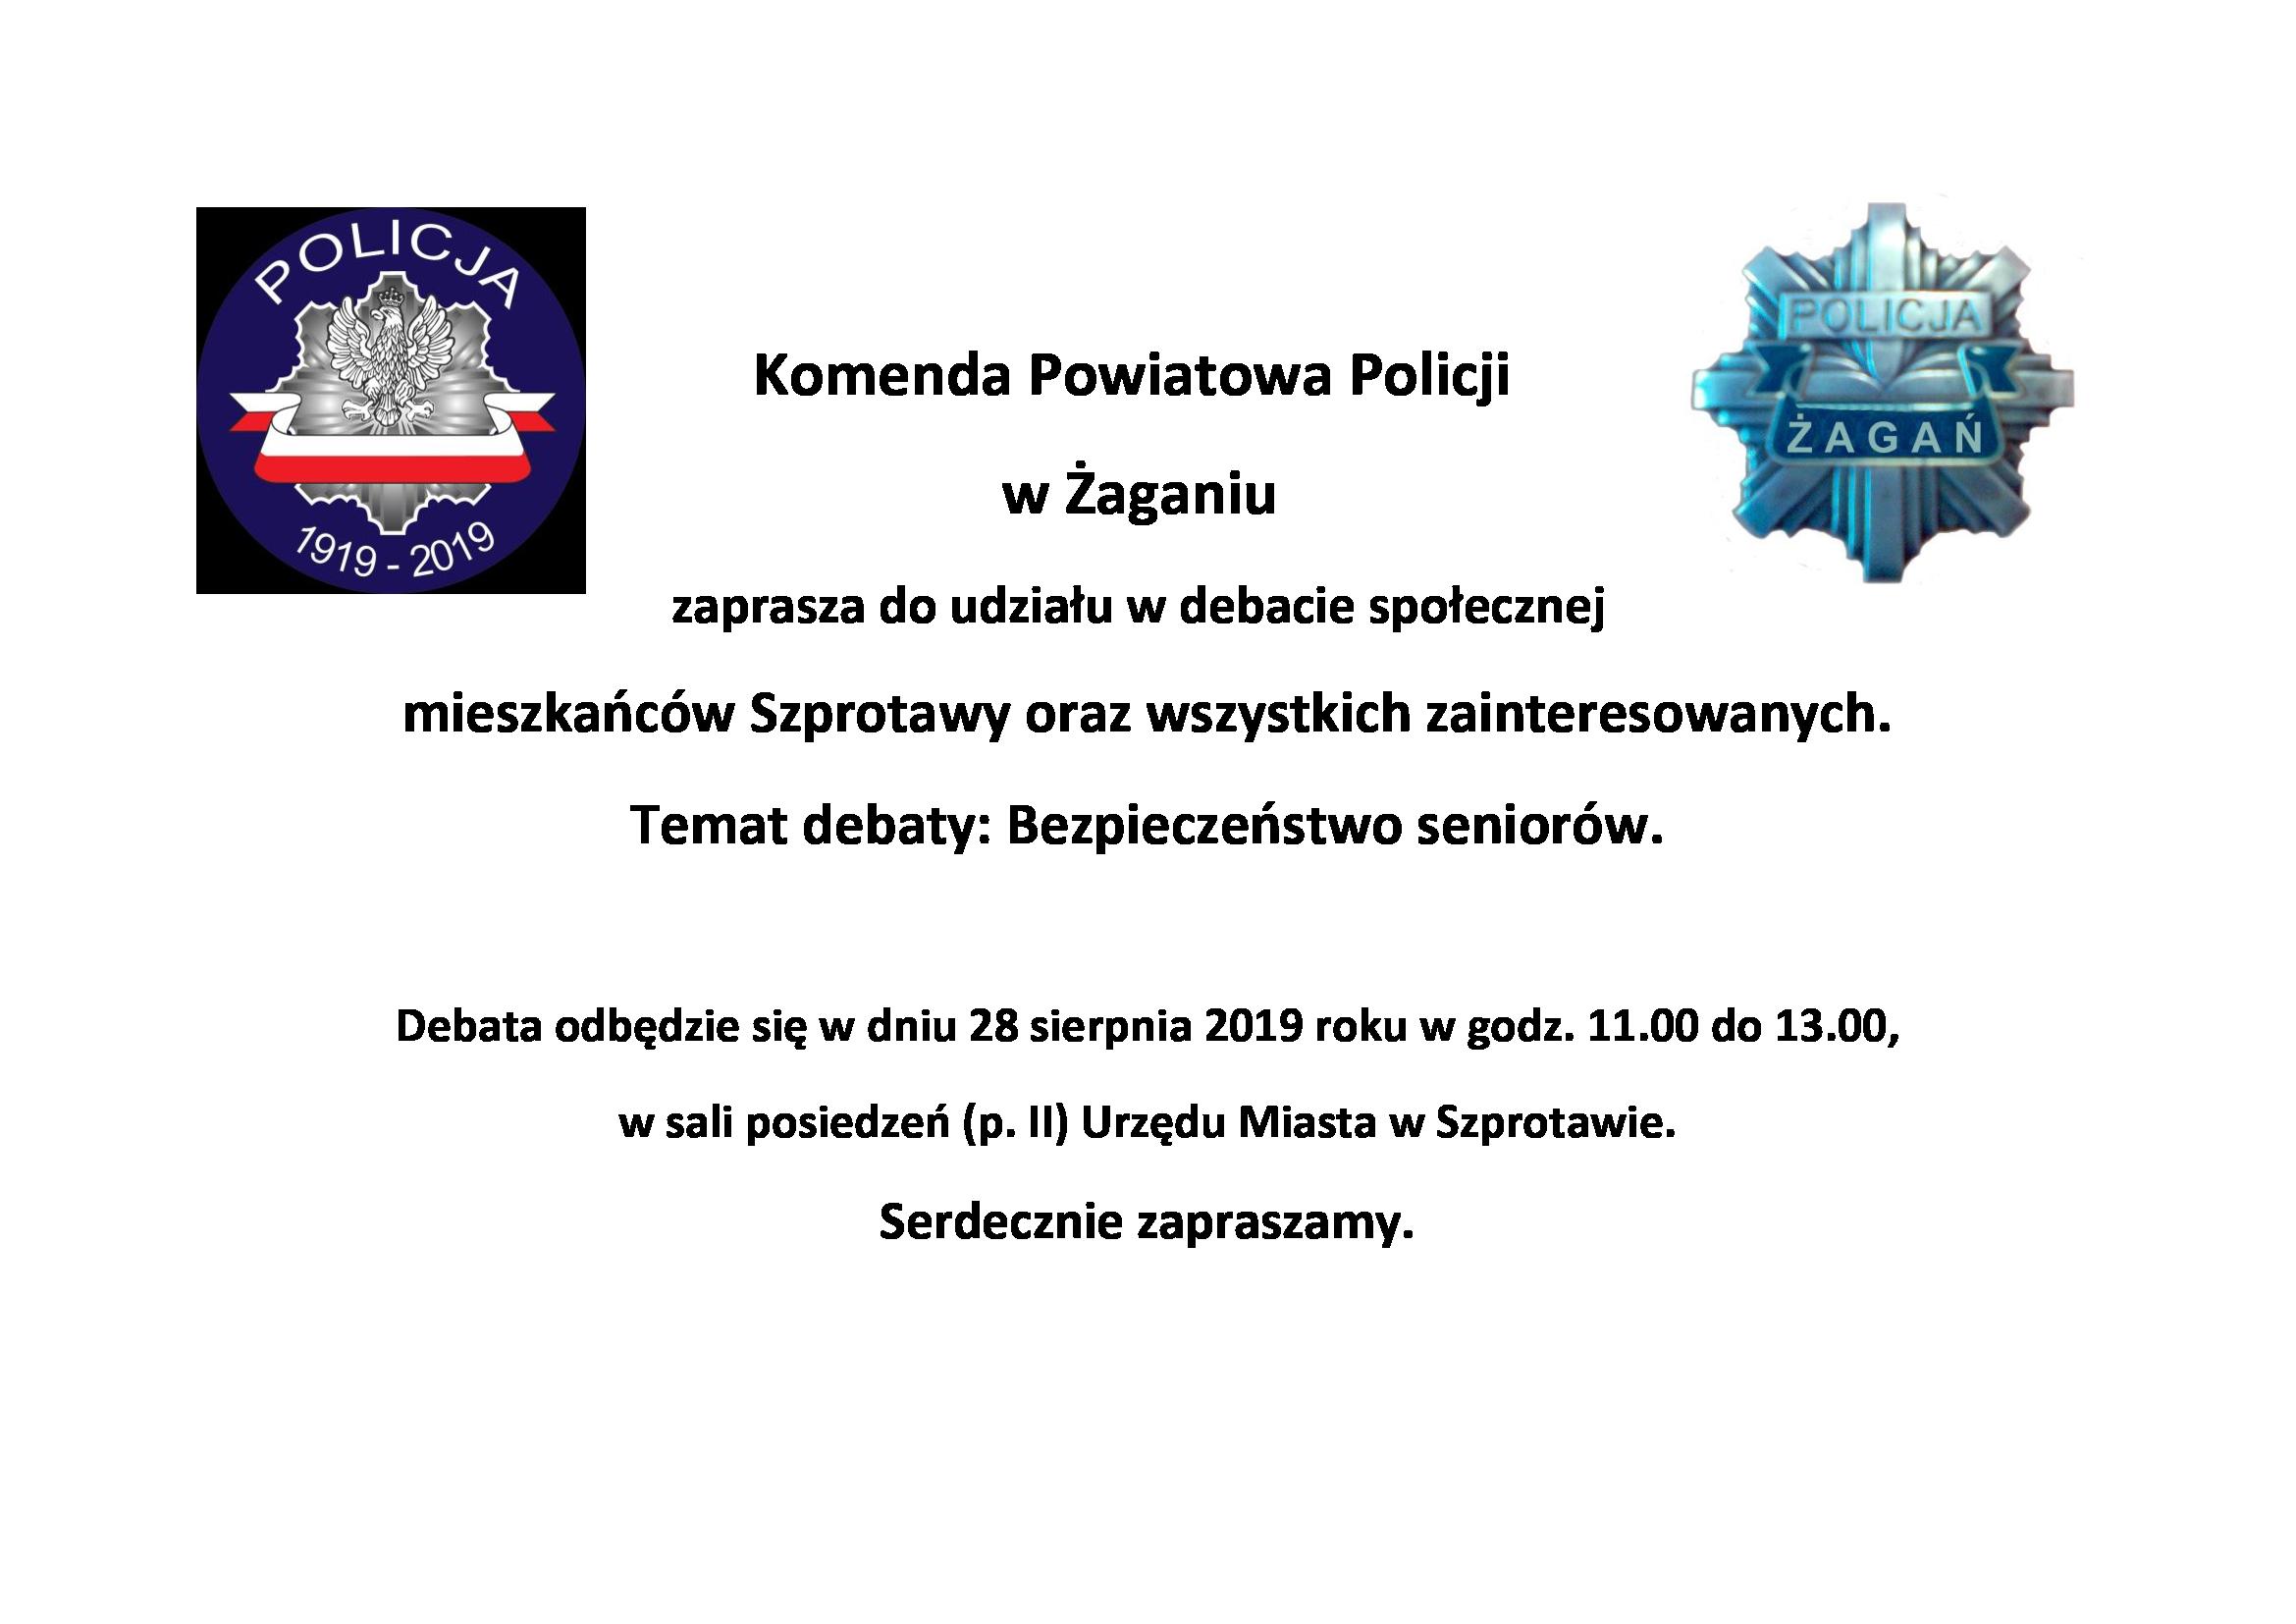 Ilustracja do informacji: Komenda Powiatowa Policji w Żaganiu zaprasza do udziału w debacie społecznej